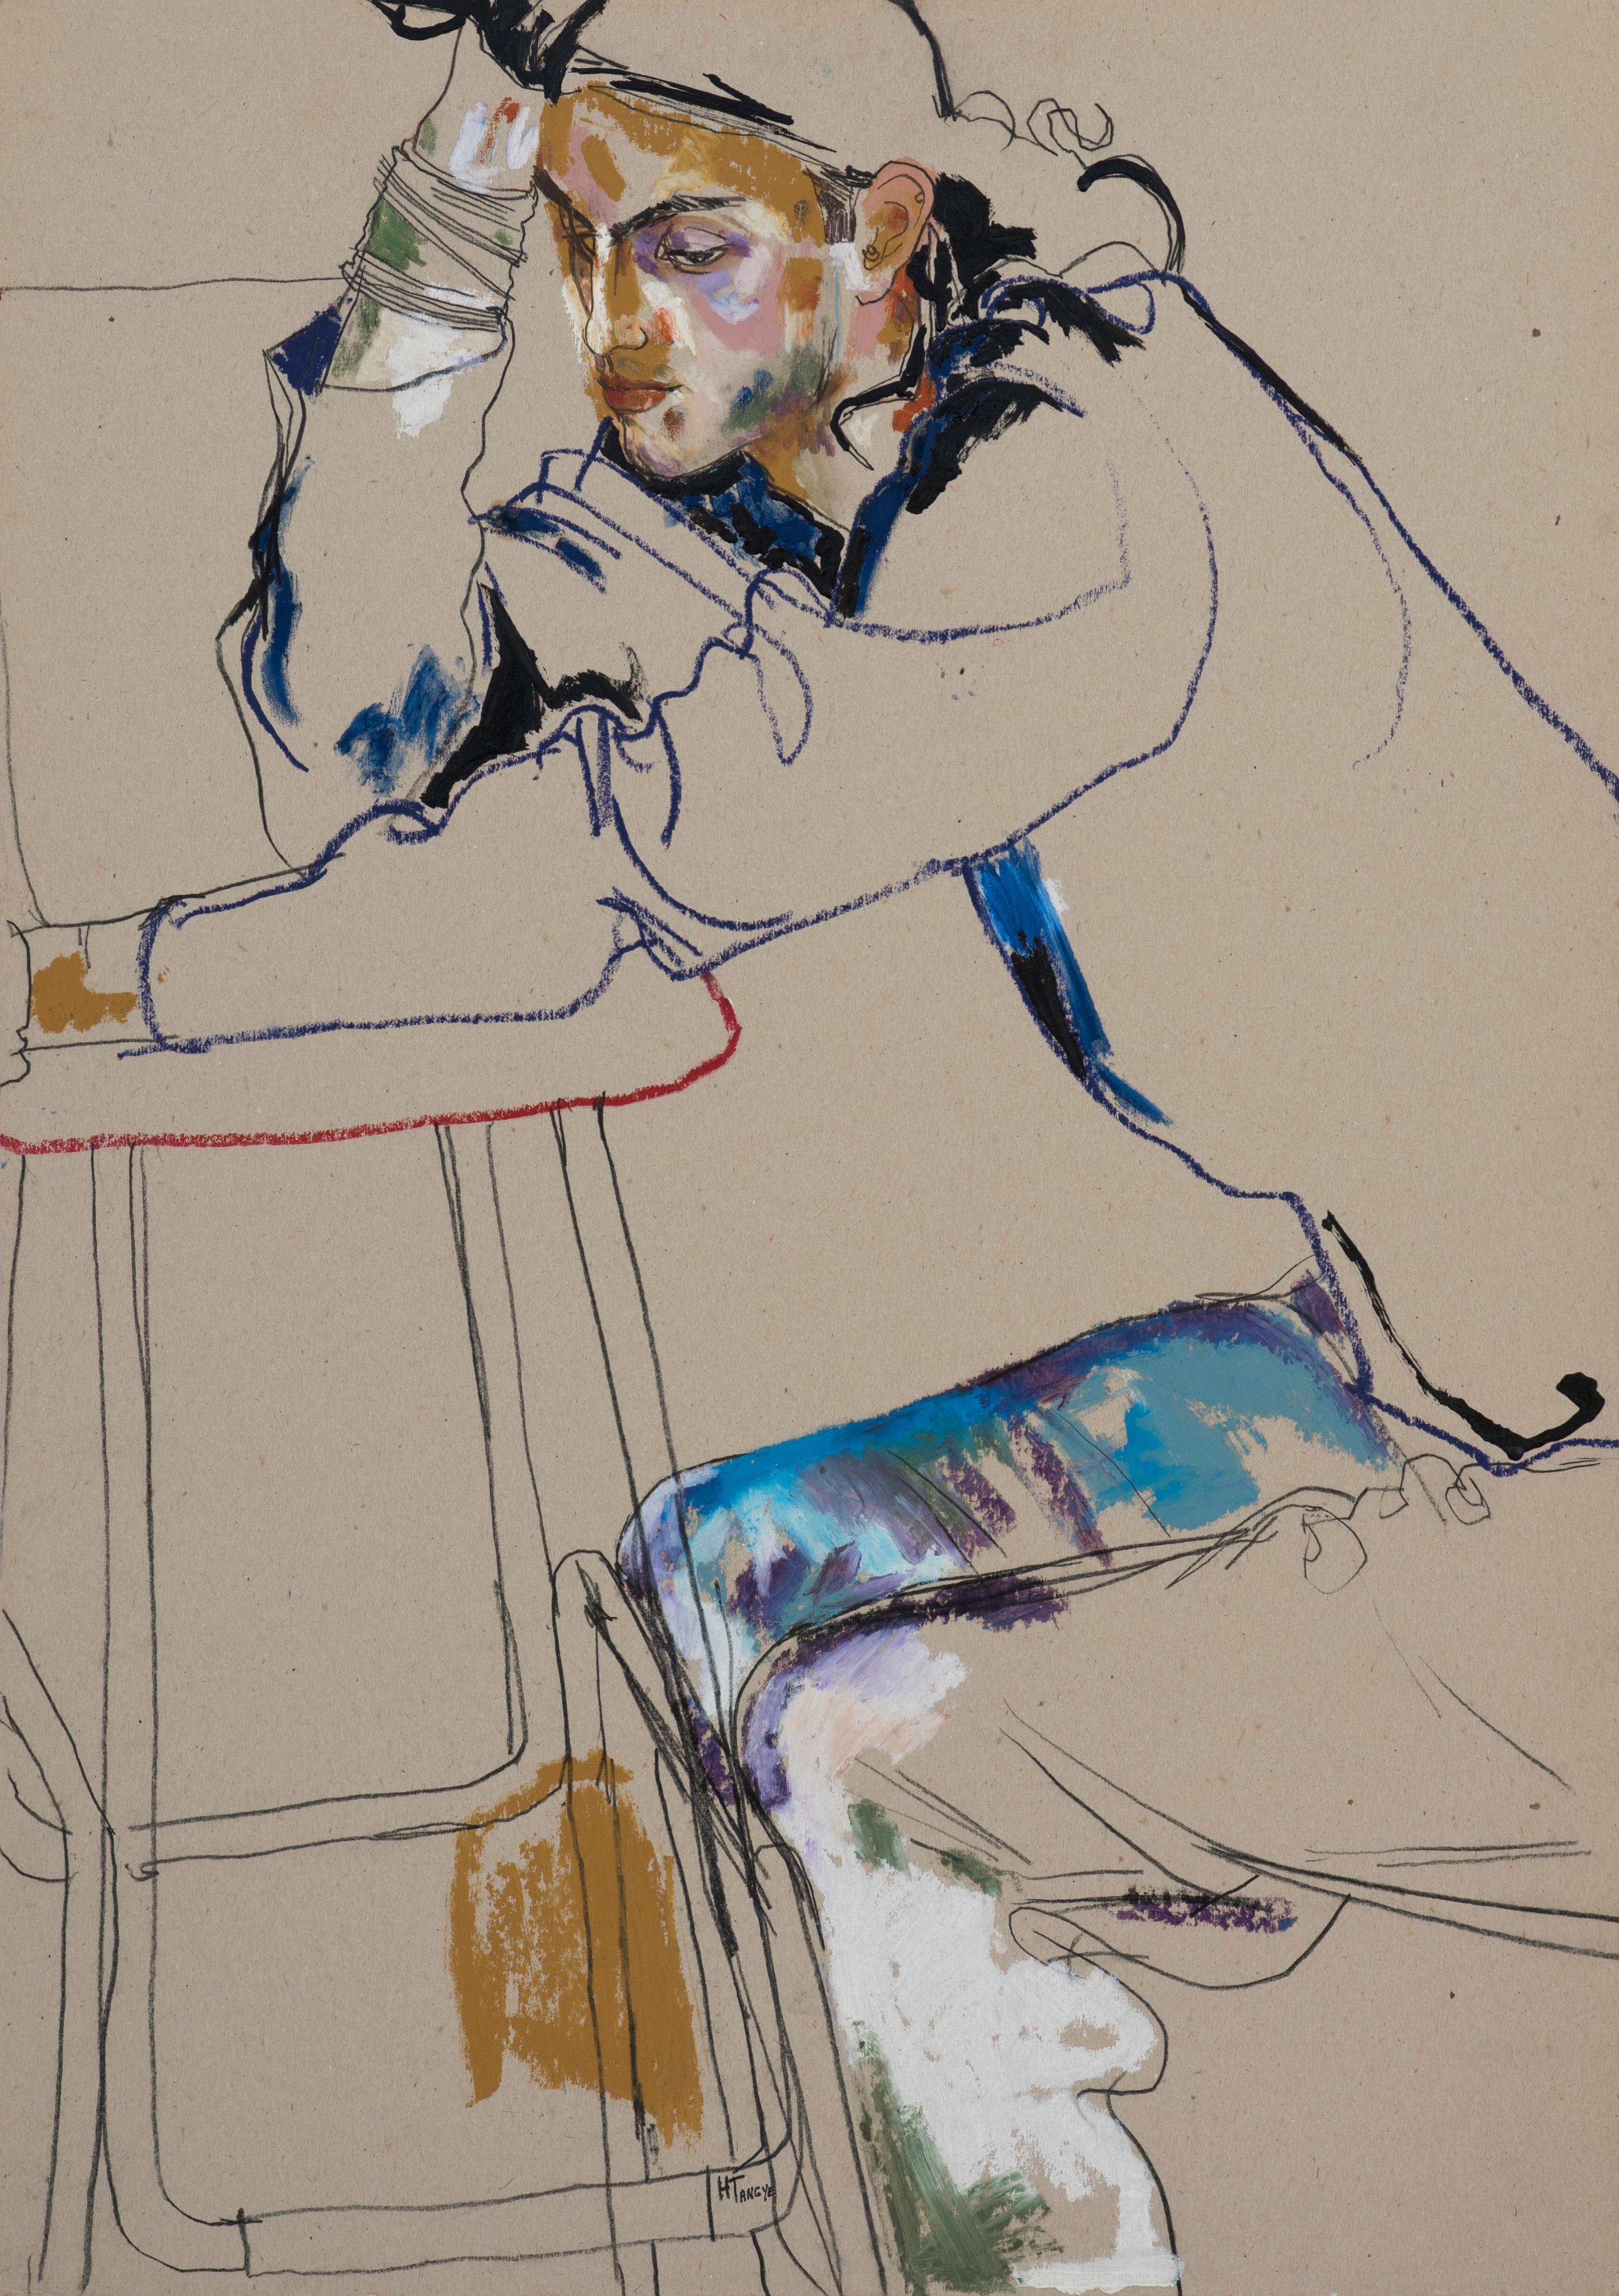 Tom Cawson (Sitting - Hand on Head), Mixed media on grey cardboard